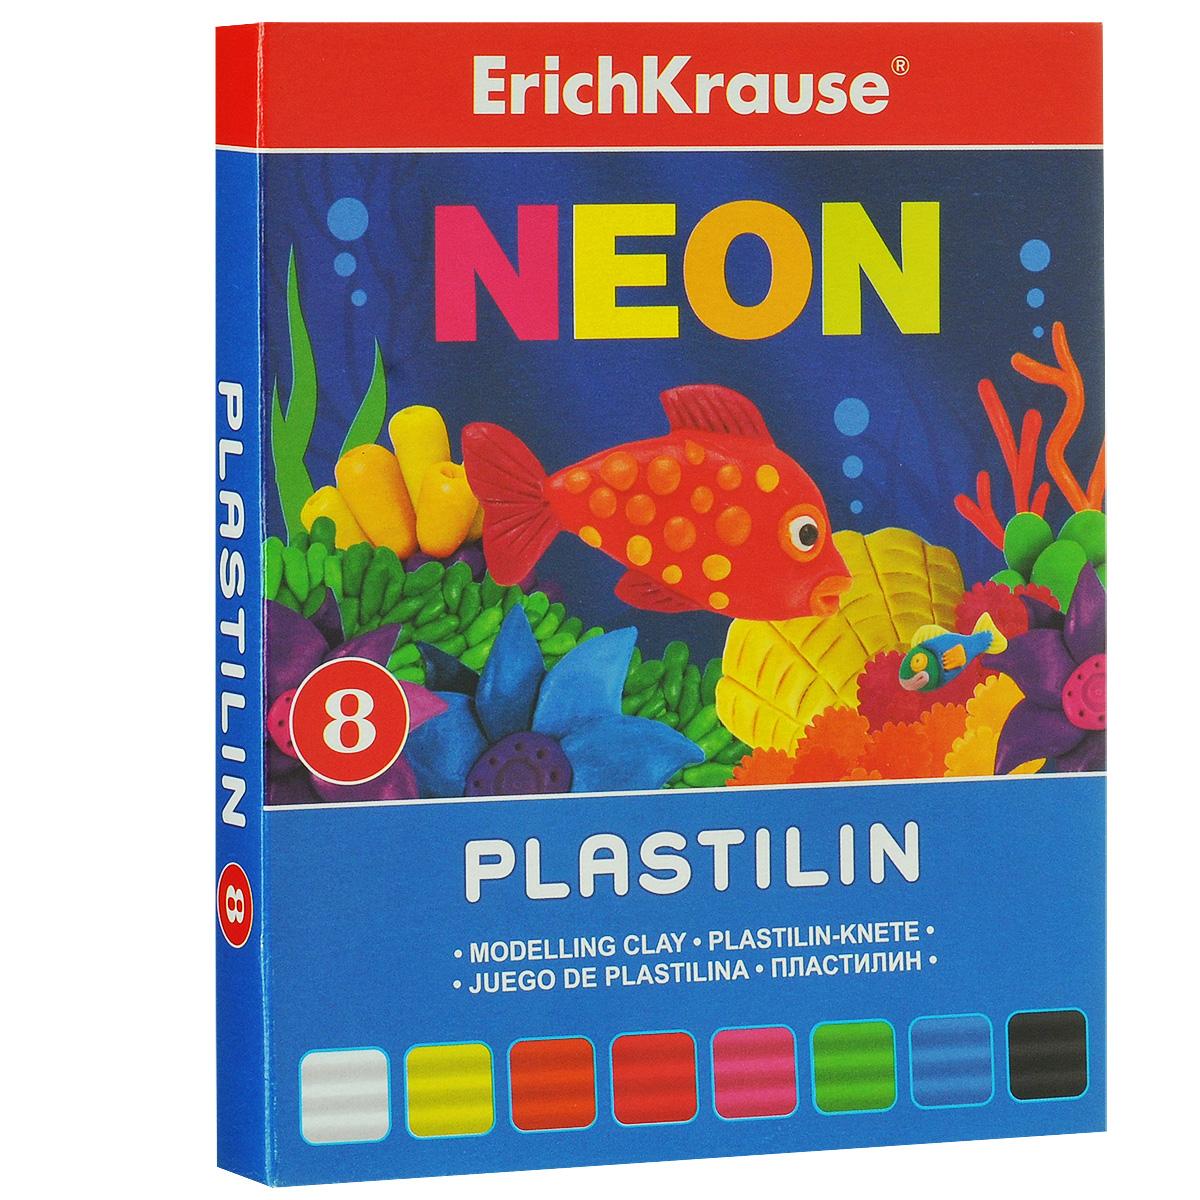 Пластилин Erich Krause Neon, 8 цветов37277Пластилин Neon- это отличная возможность познакомить ребенка с еще одним из видов изобразительного творчества, в котором создаются объемные образы и целые композиции. В набор входит пластилин 8 ярких цветов (белый, желтый, оранжевый, красный, розовый, зеленый, голубой, черный). Цвета пластилина легко смешиваются между собой, и таким образом можно получить новые оттенки. Он имеет яркие, красочные цвета. Техника лепки богата и разнообразна, но при этом доступна даже маленьким детям. Занятие лепкой не только увлекательно, но и полезно для ребенка. Оно способствует развитию творческого и пространственного мышления, восприятия формы, фактуры, цвета и веса, развивает воображение и мелкую моторику.